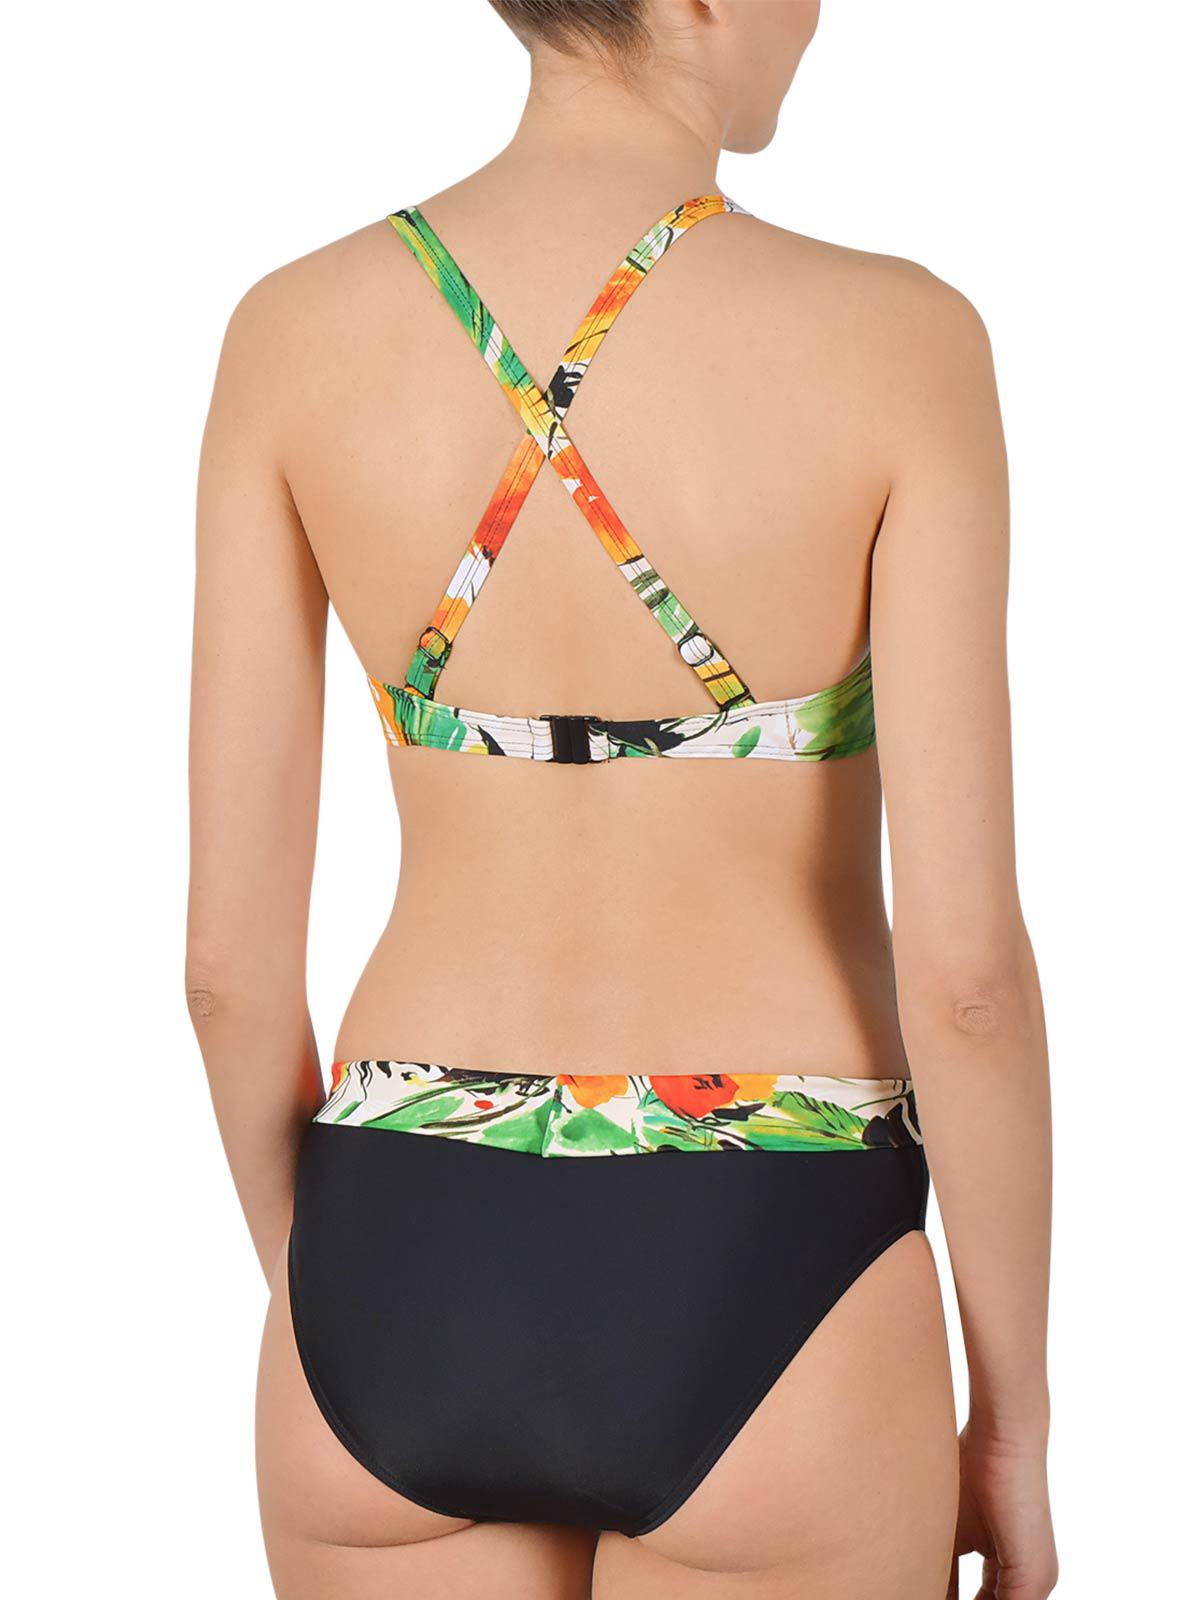 NATURANA Bügel Bikini 72493 Gr. 38-46 B-E